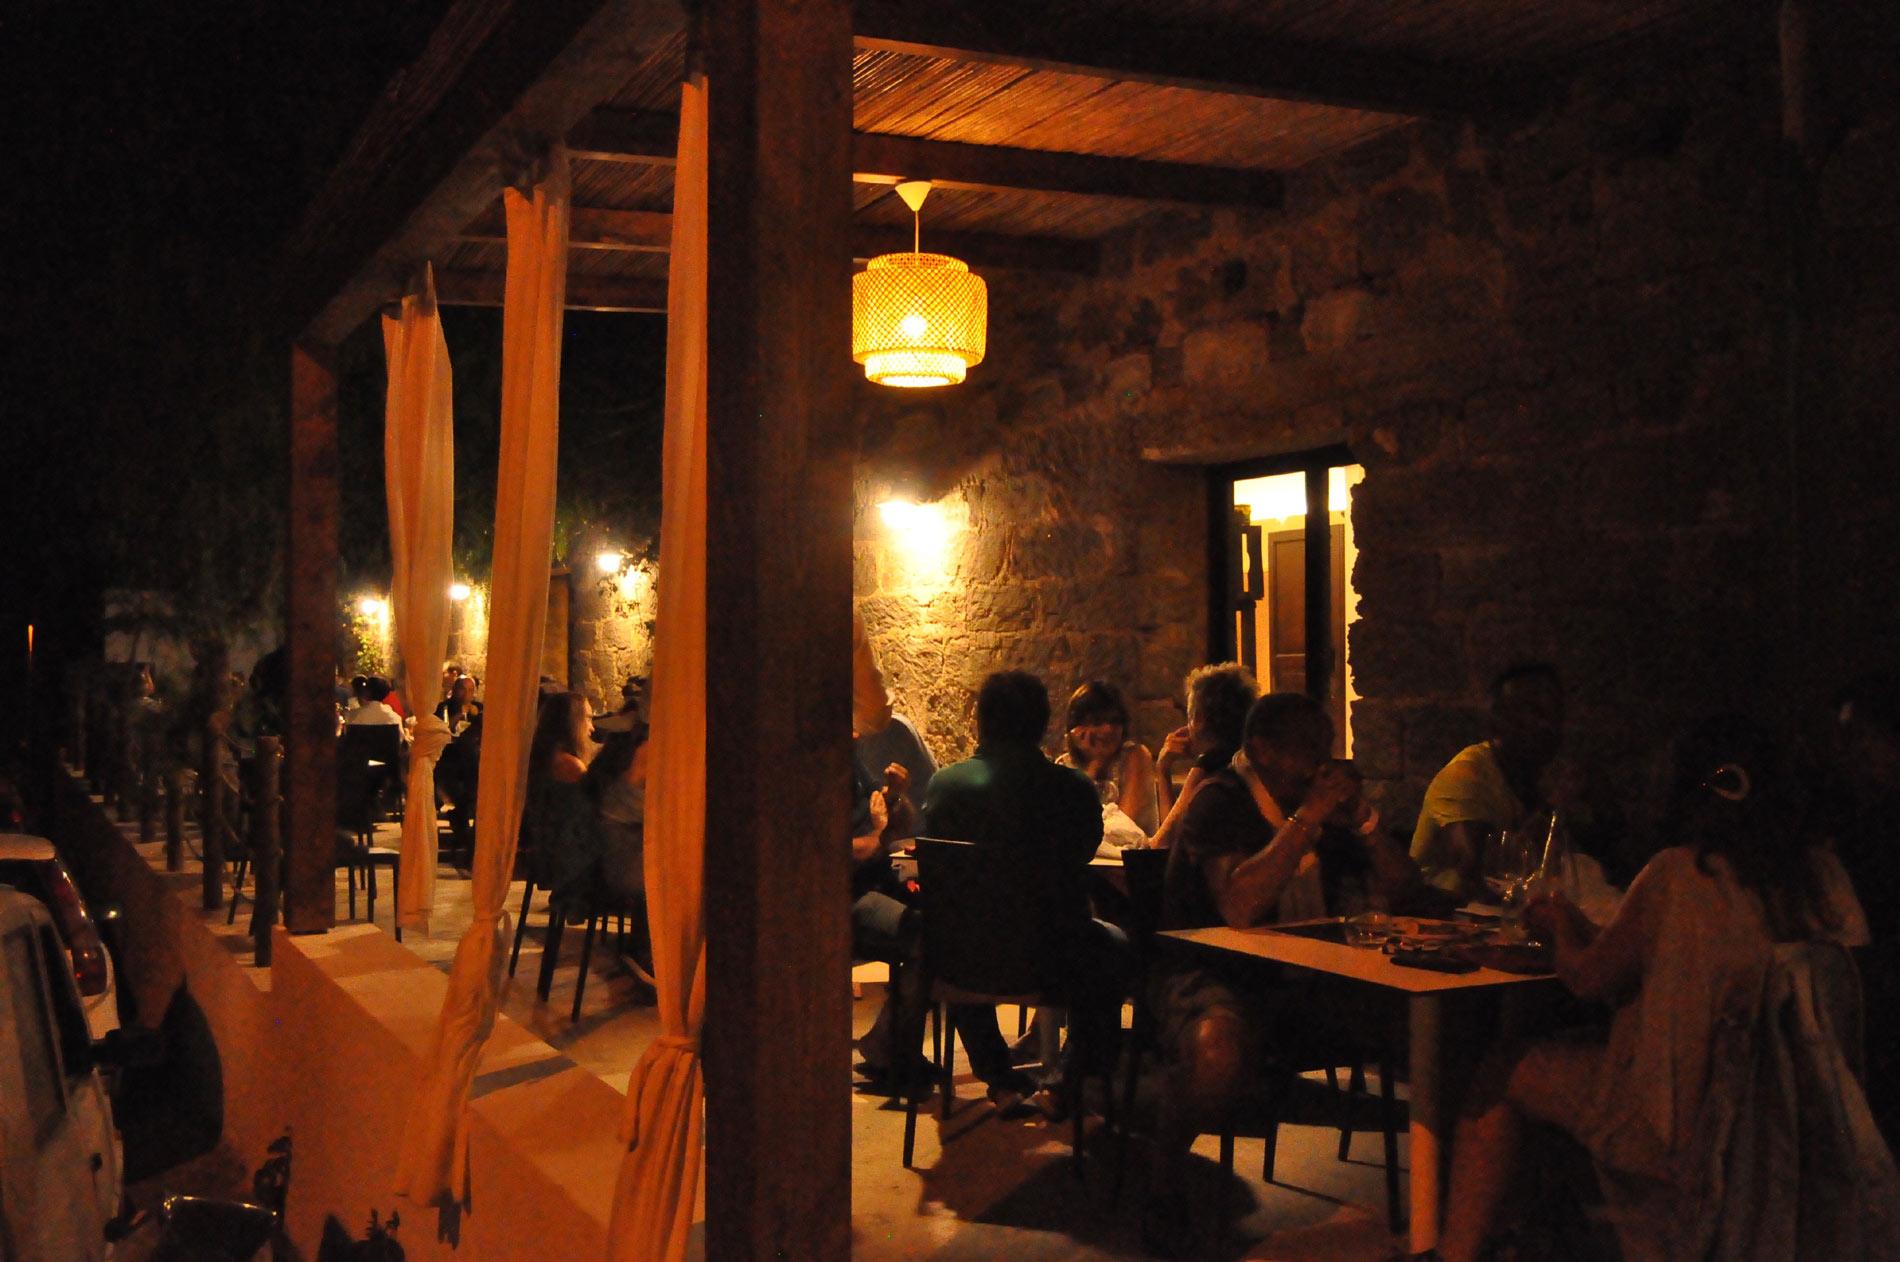 Bar Ristorante mitico di Pantelleria.